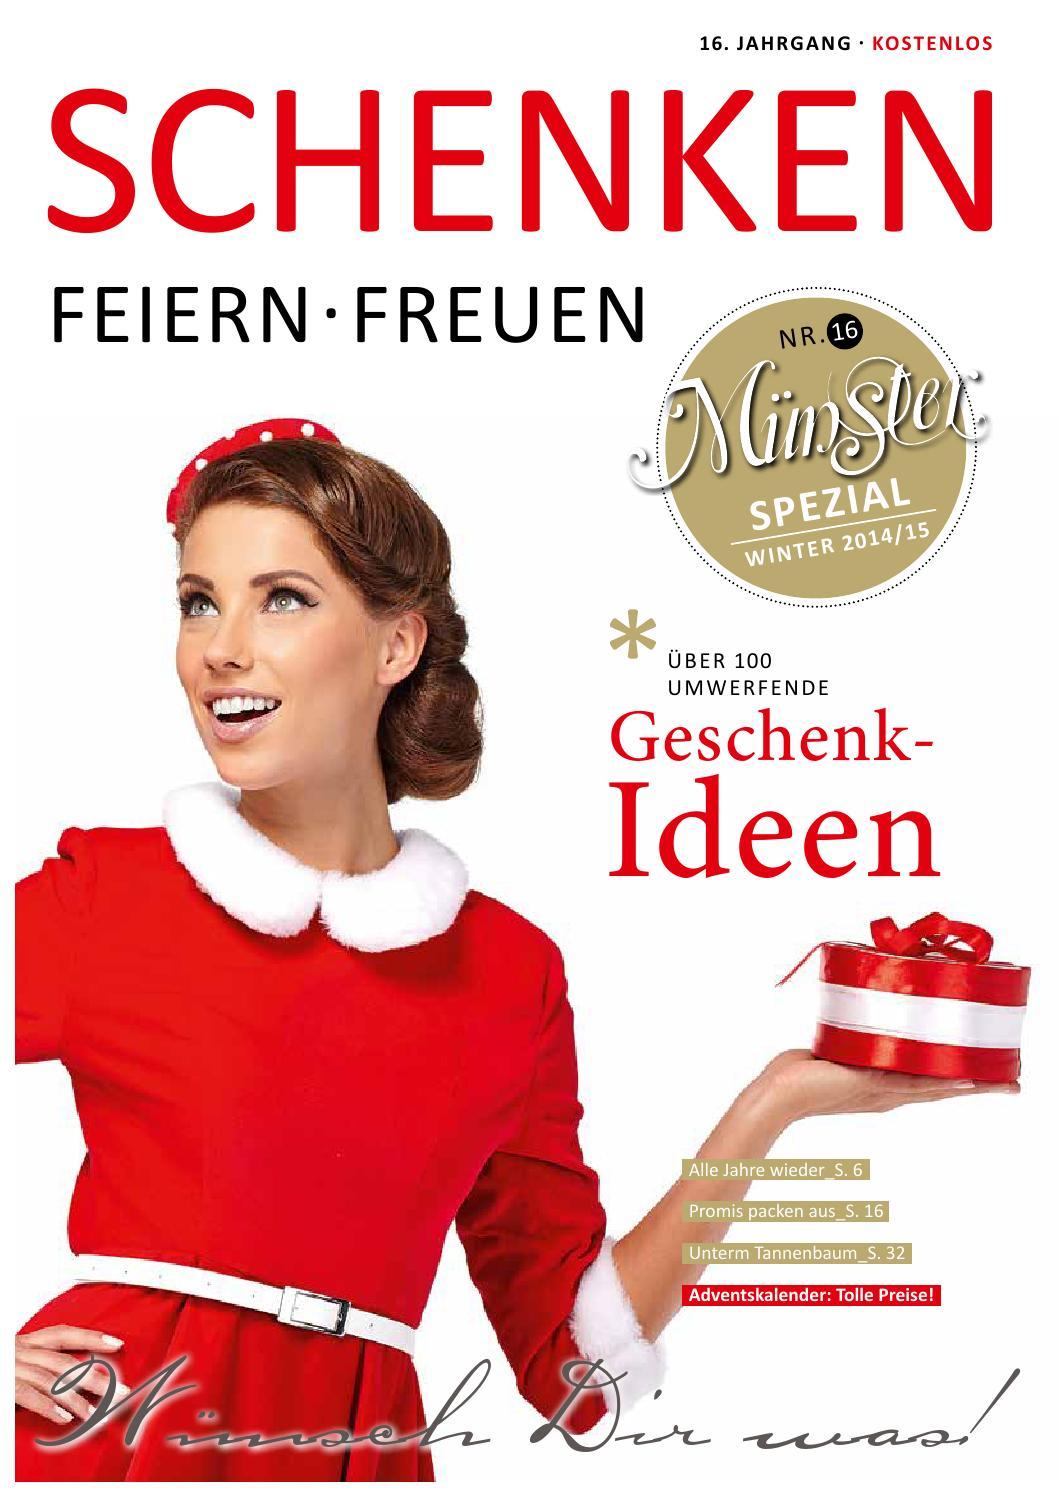 Münster Spezial Schenken Feiern Freuen by Tips Verlag GmbH - issuu